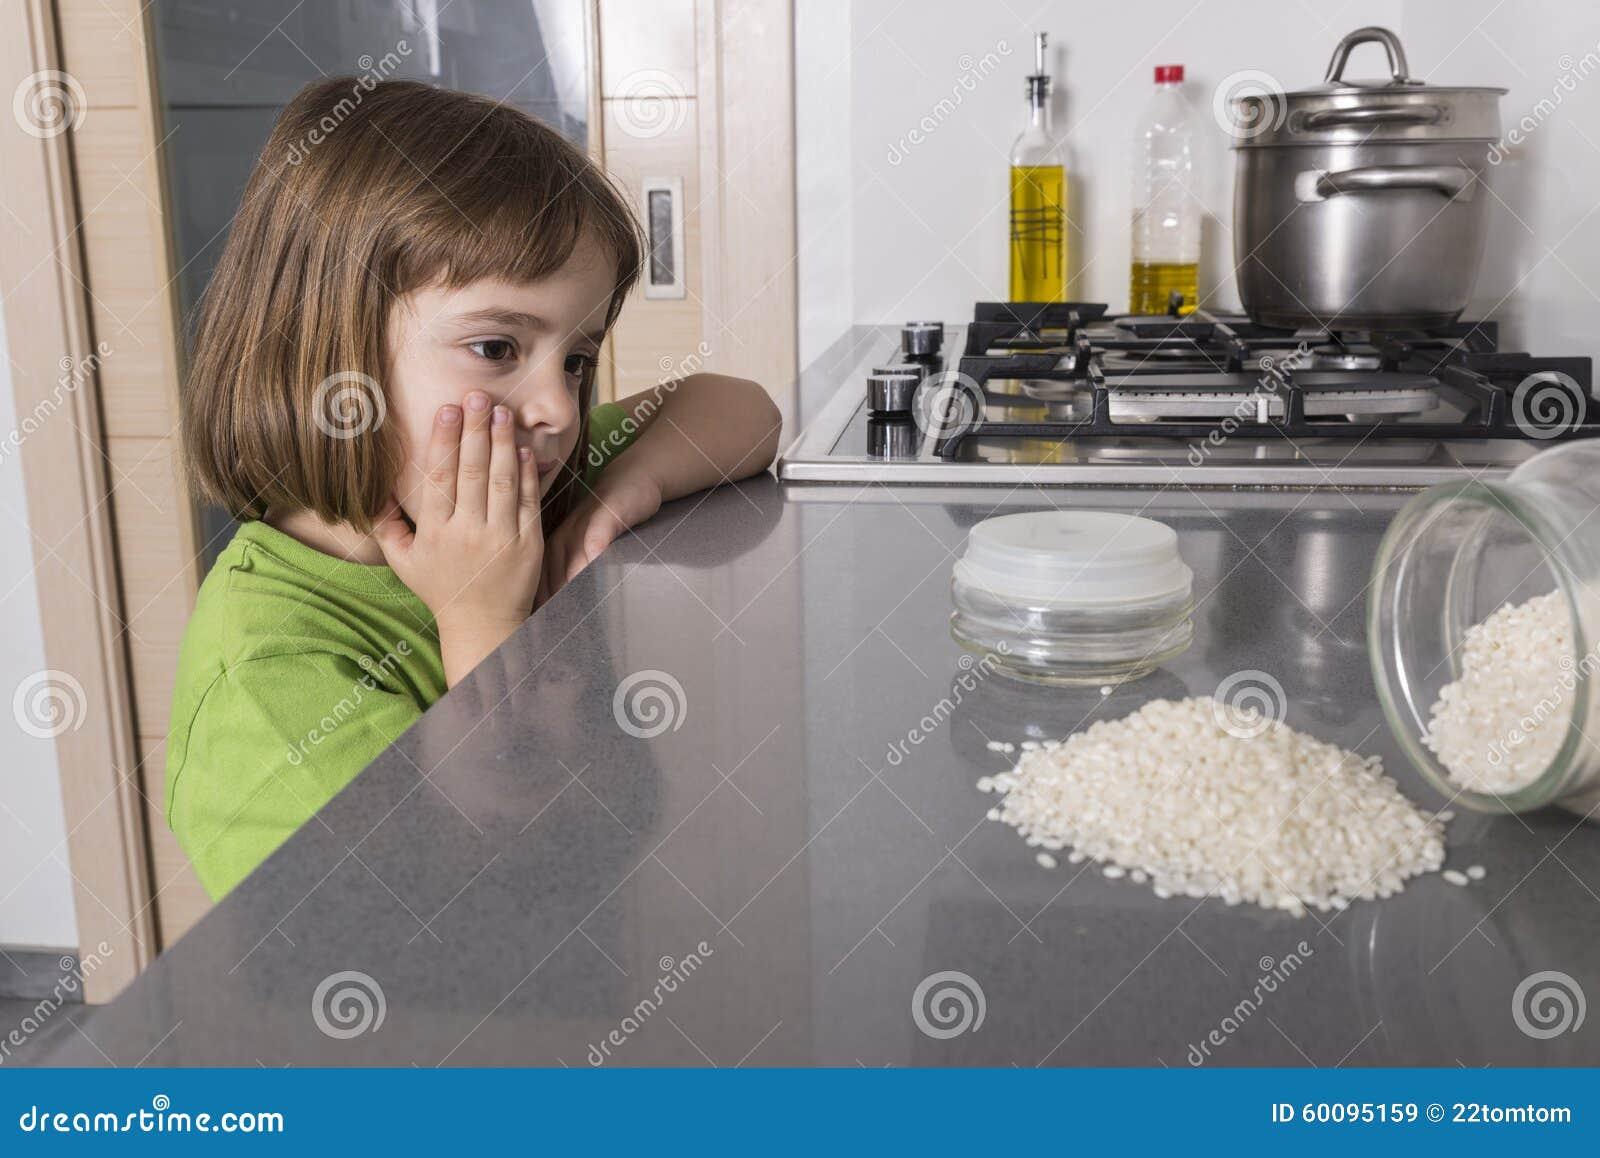 Keuken Voor Weinig : Weinig ongeval in de keuken stock afbeelding afbeelding